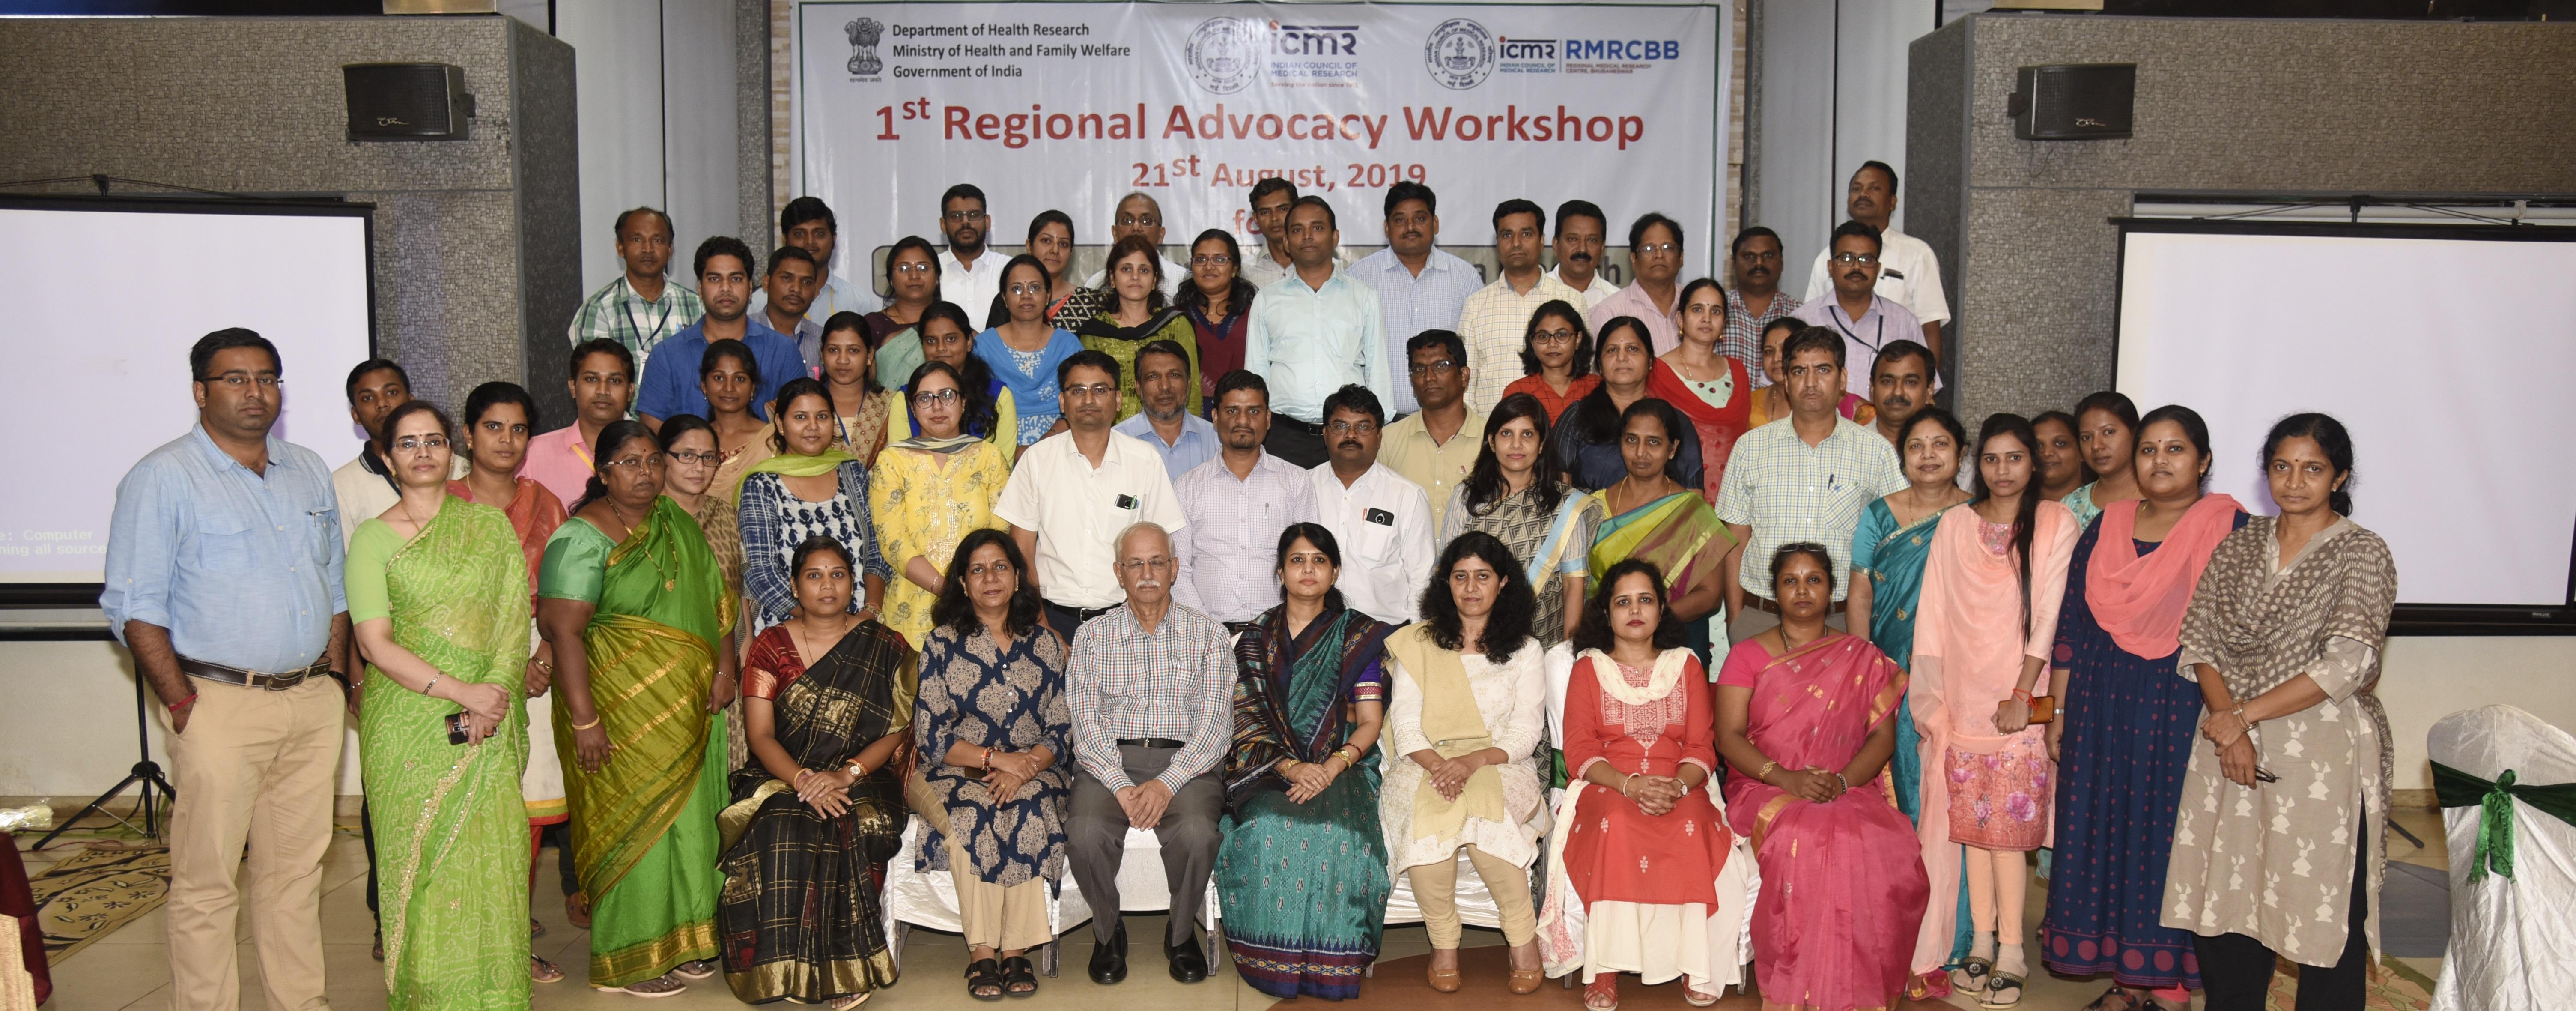 1st Regional Advocacy Workshop 2019 - Bhubaneswar